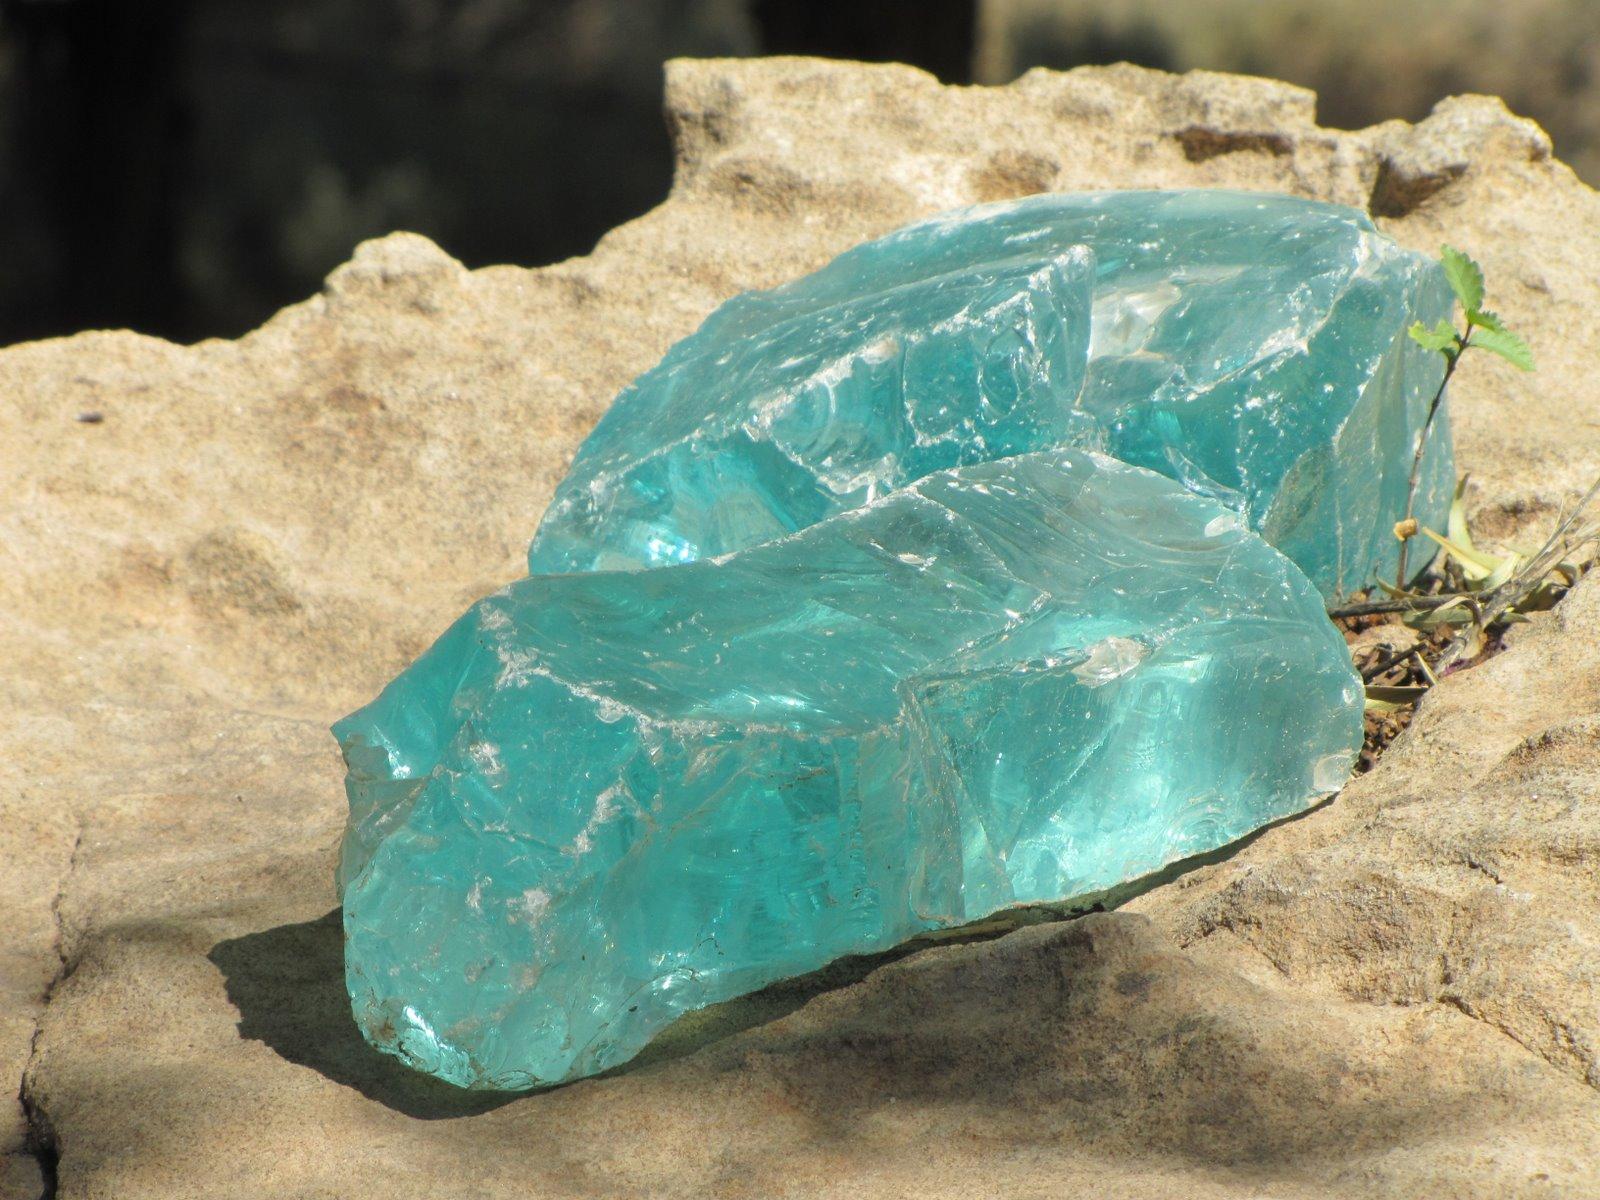 Ásványbolt mellett  Mineralshop